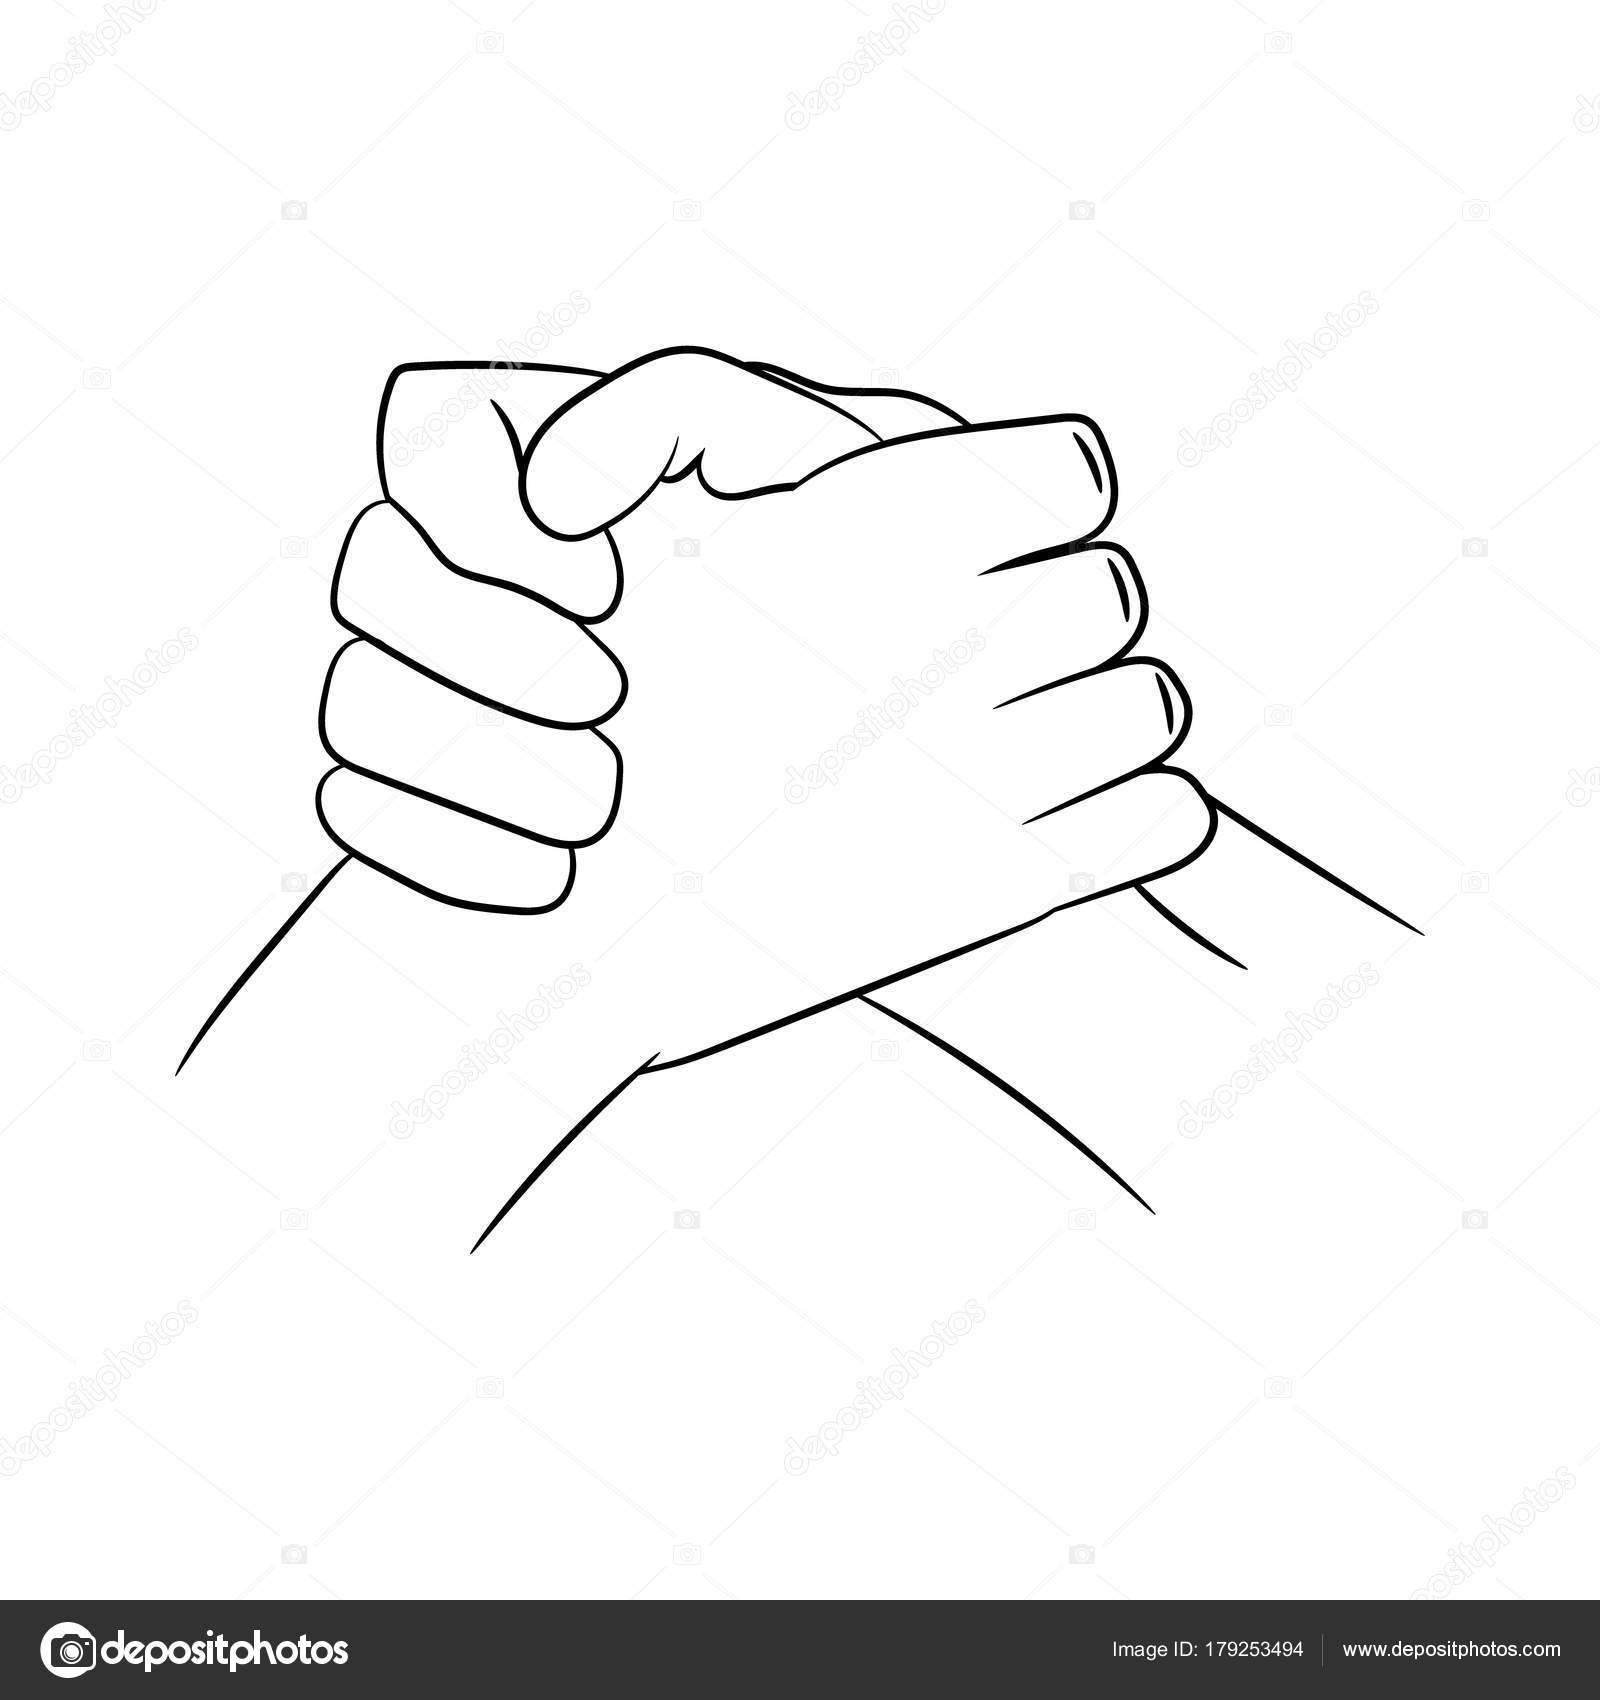 Poign e de main traditionnelle biker illustration - Dessin de la main ...